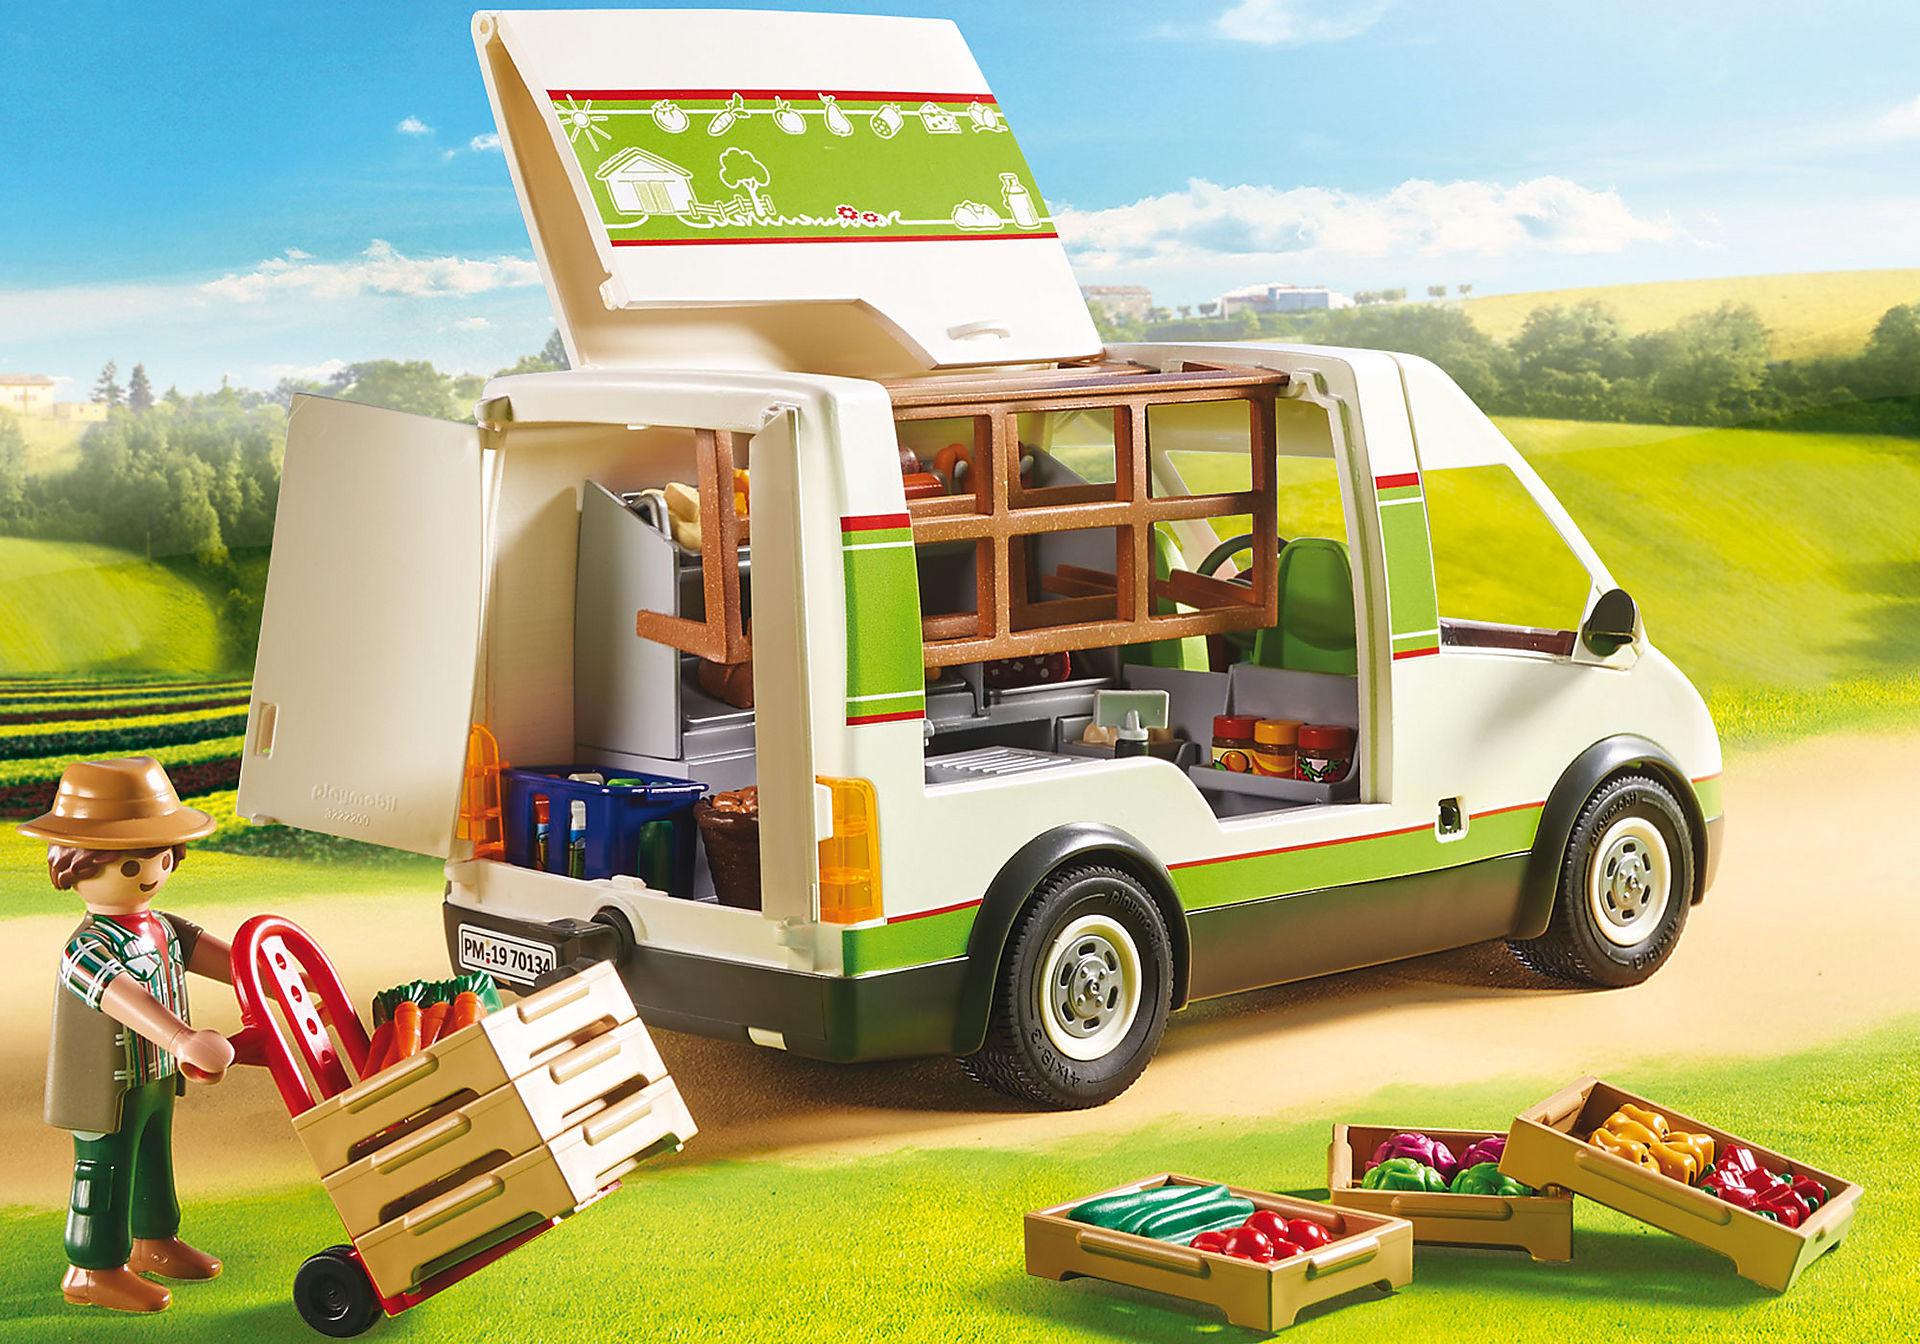 70134 Samochód do sprzedaży owoców i warzyw zoom image5